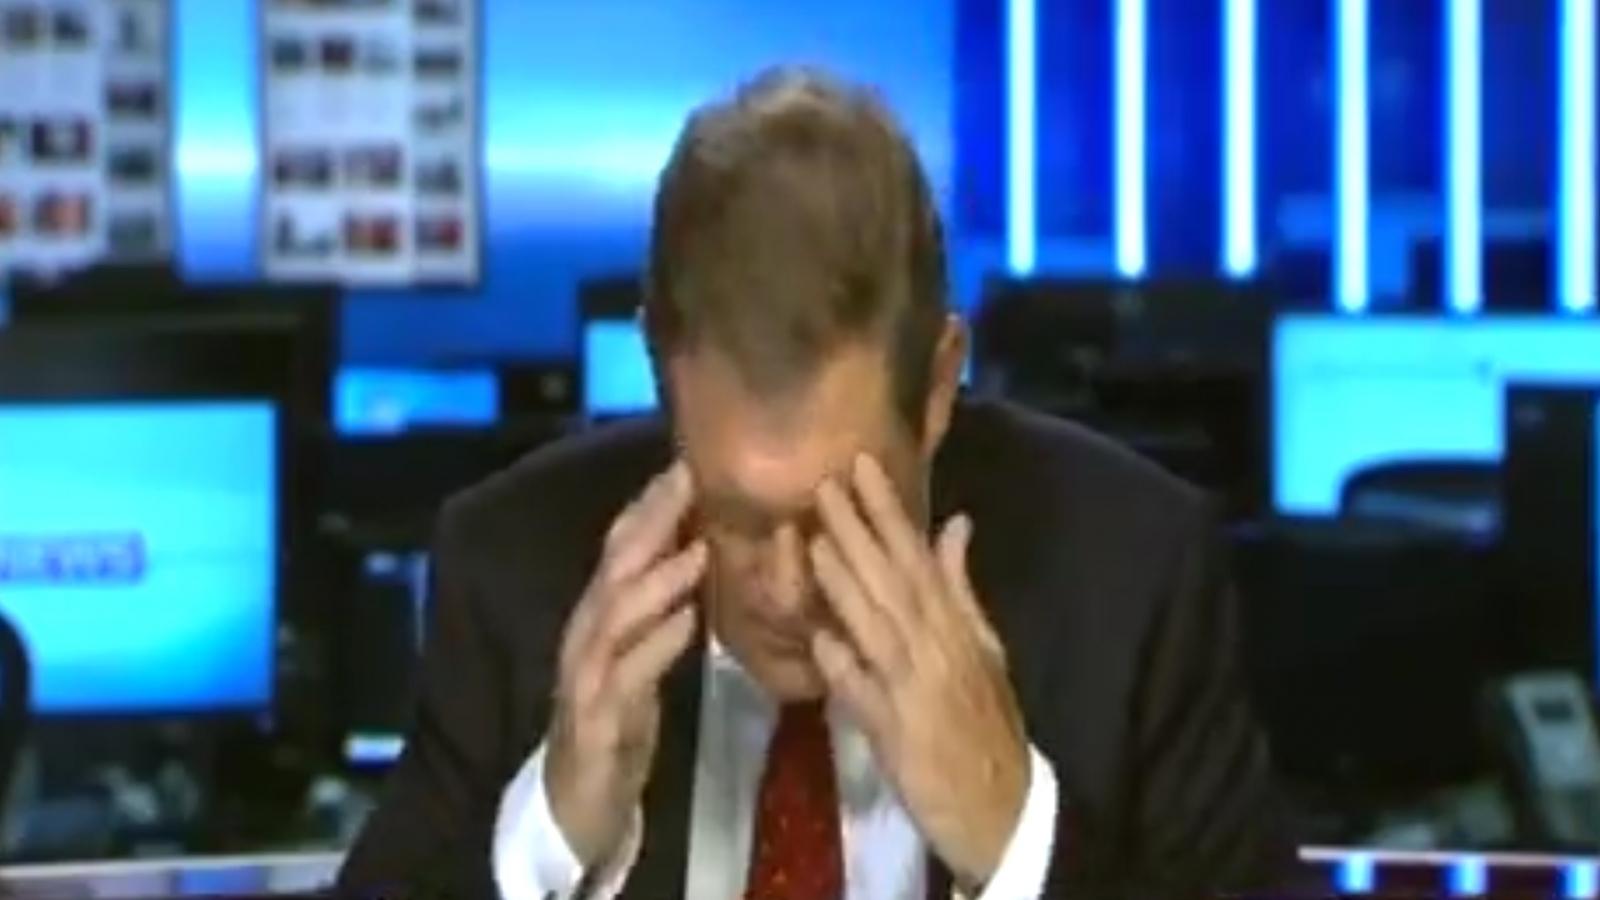 Sky news business reporter